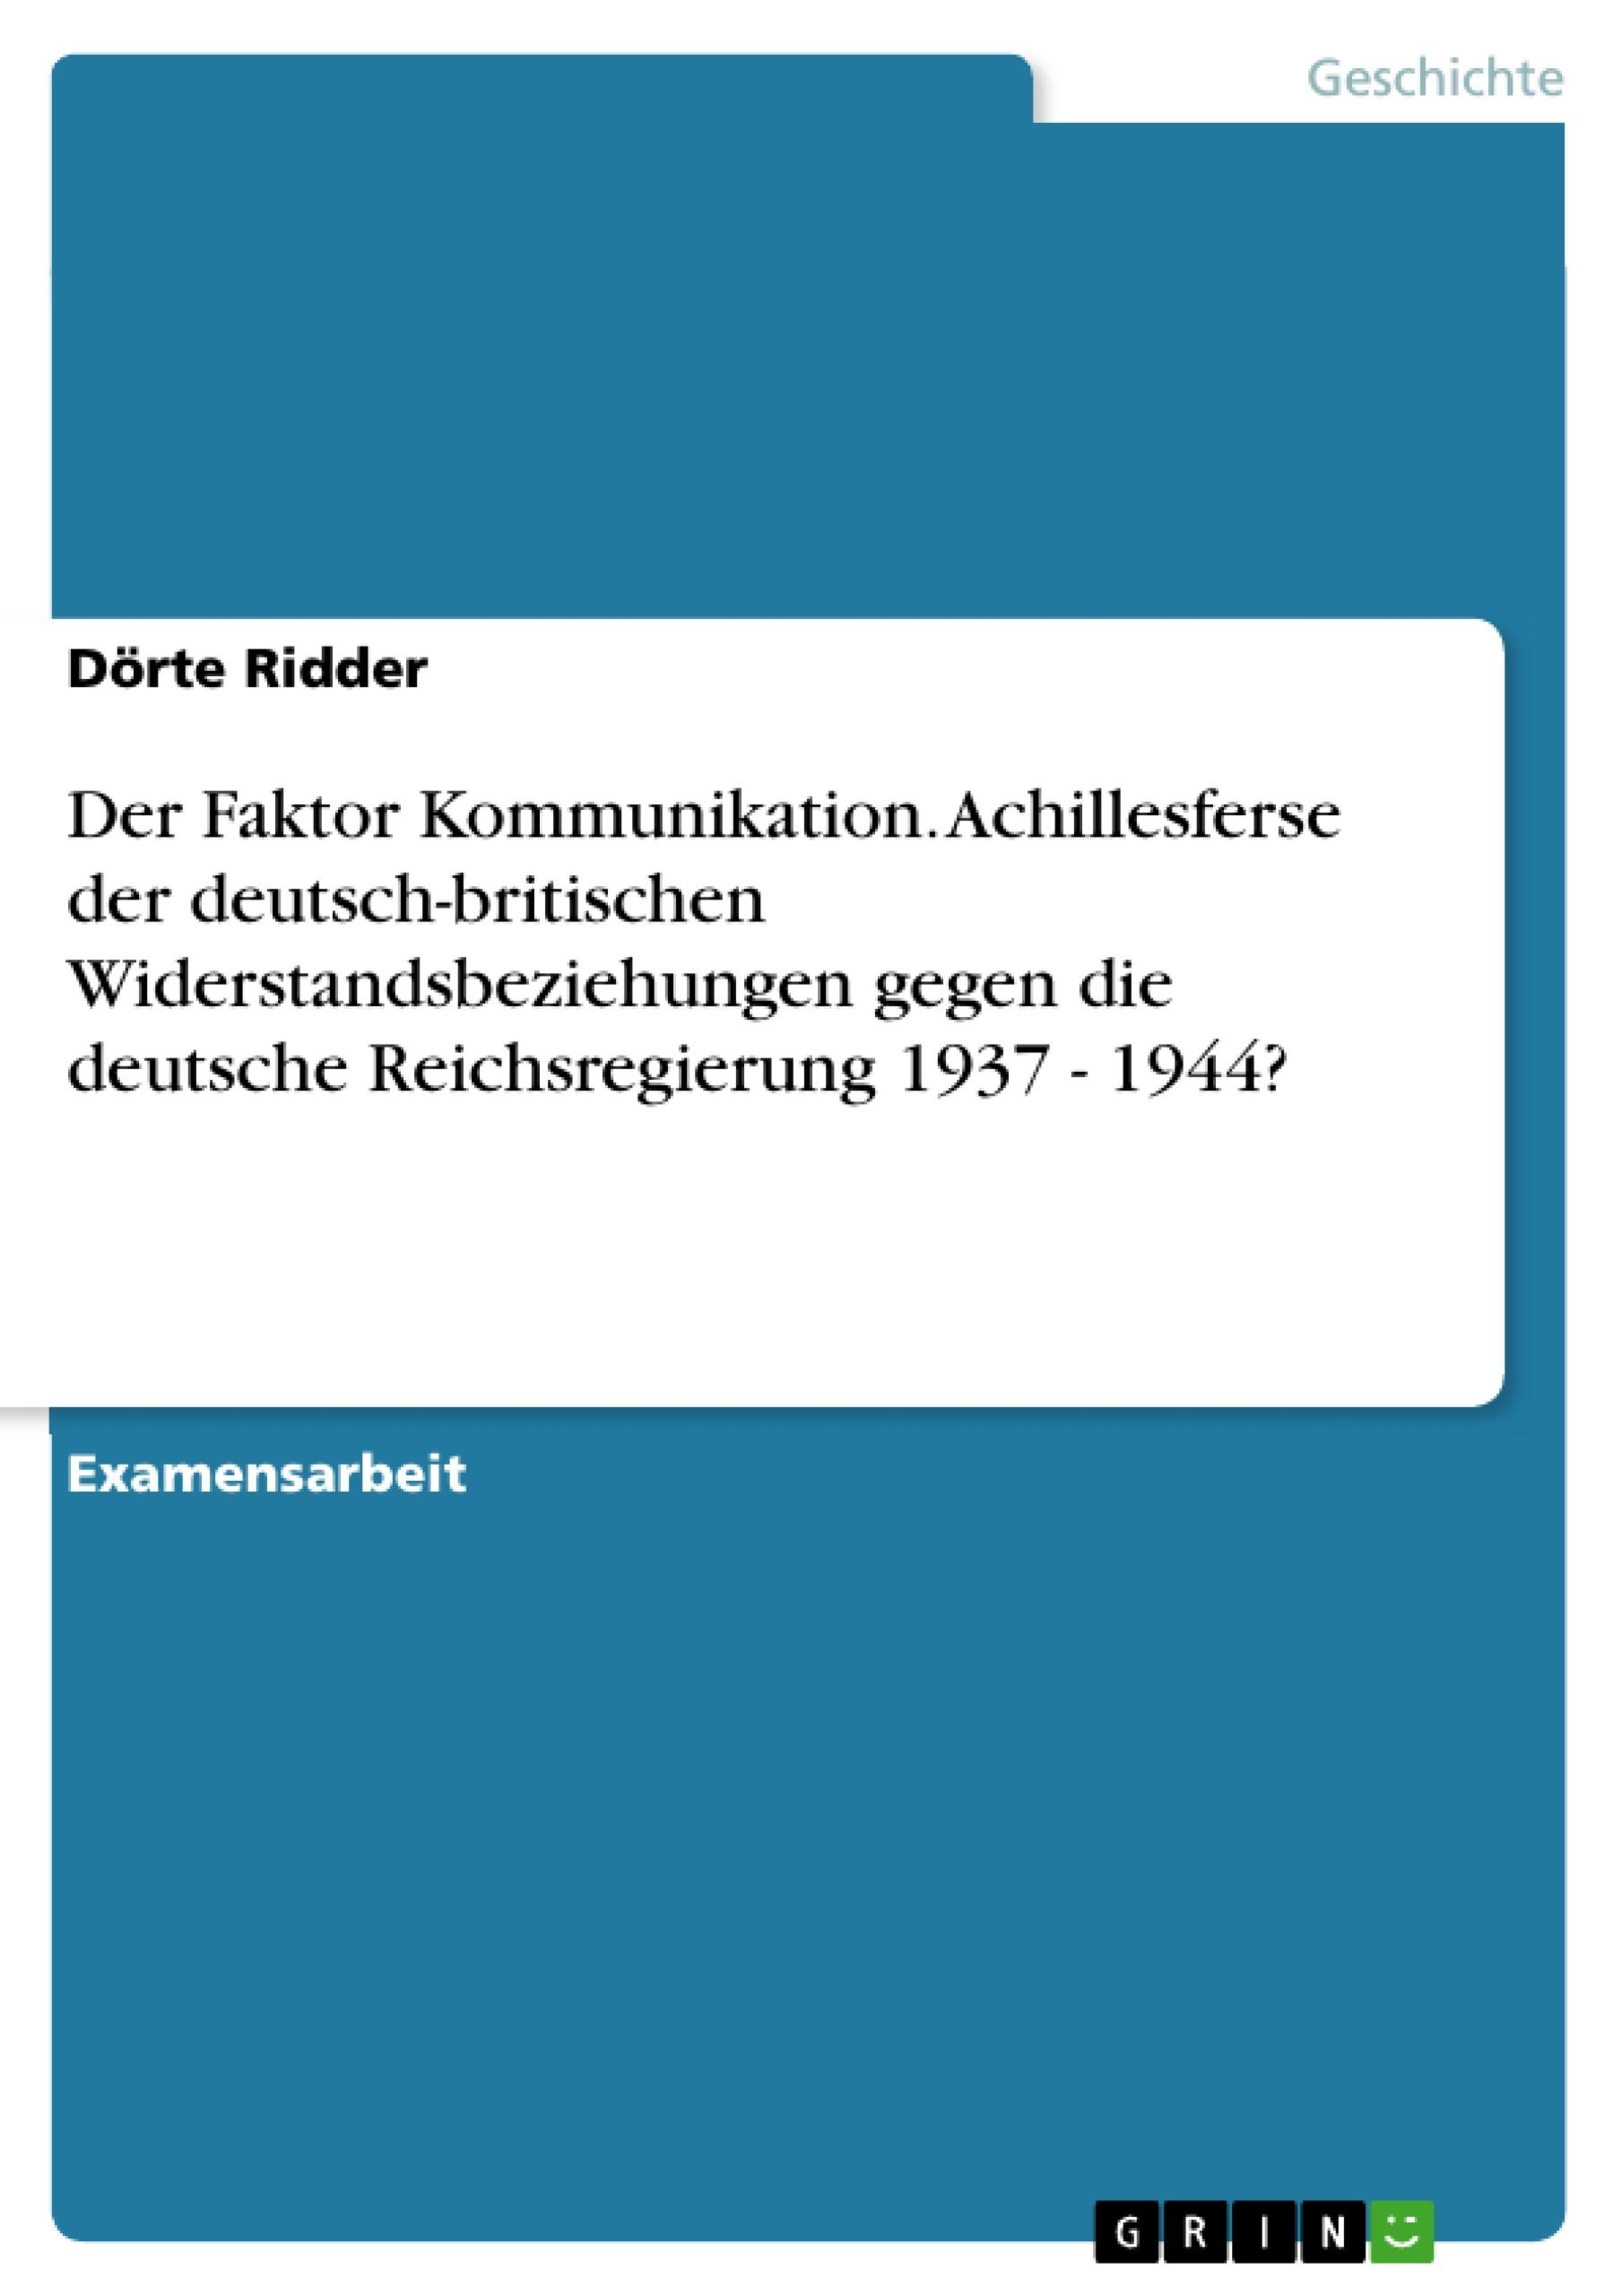 Titel: Der Faktor Kommunikation. Achillesferse der deutsch-britischen Widerstandsbeziehungen gegen die deutsche Reichsregierung 1937 - 1944?